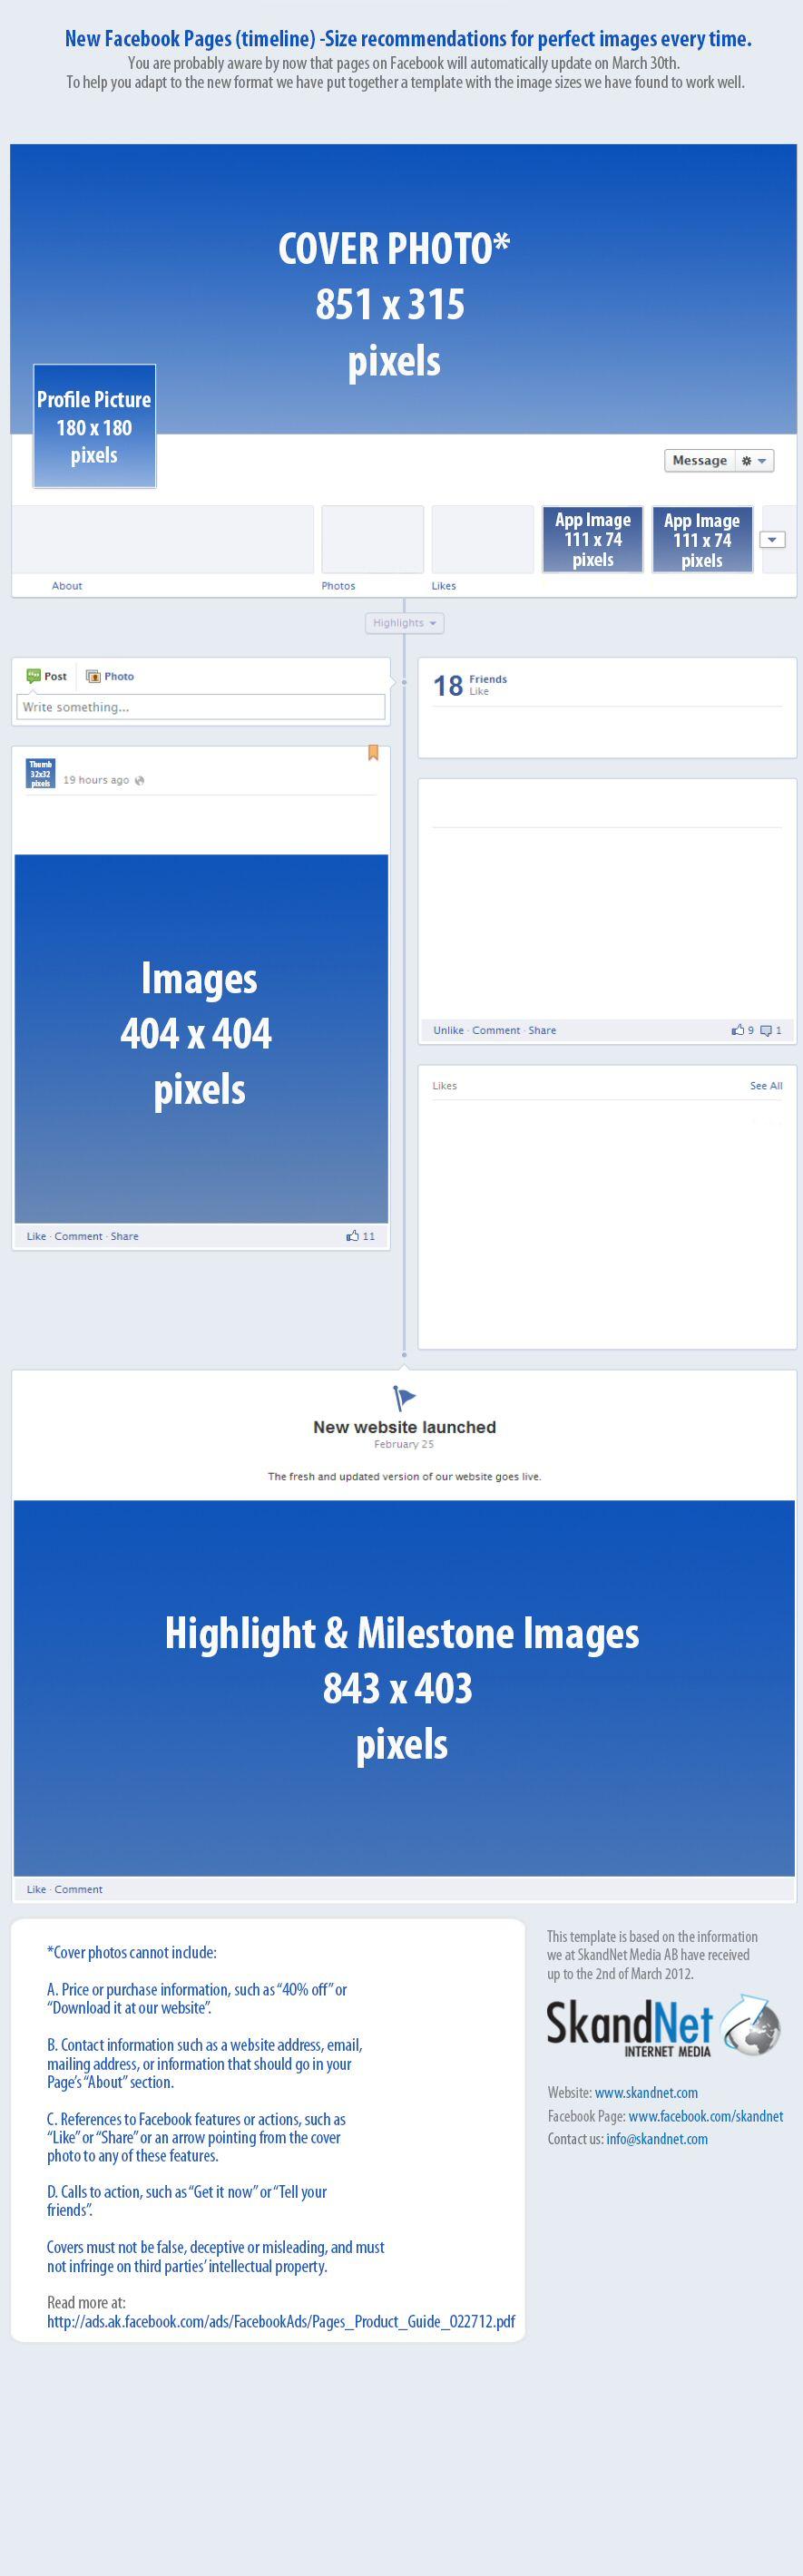 Tamaños recomendados de las imágenes del Timeline de Facebook